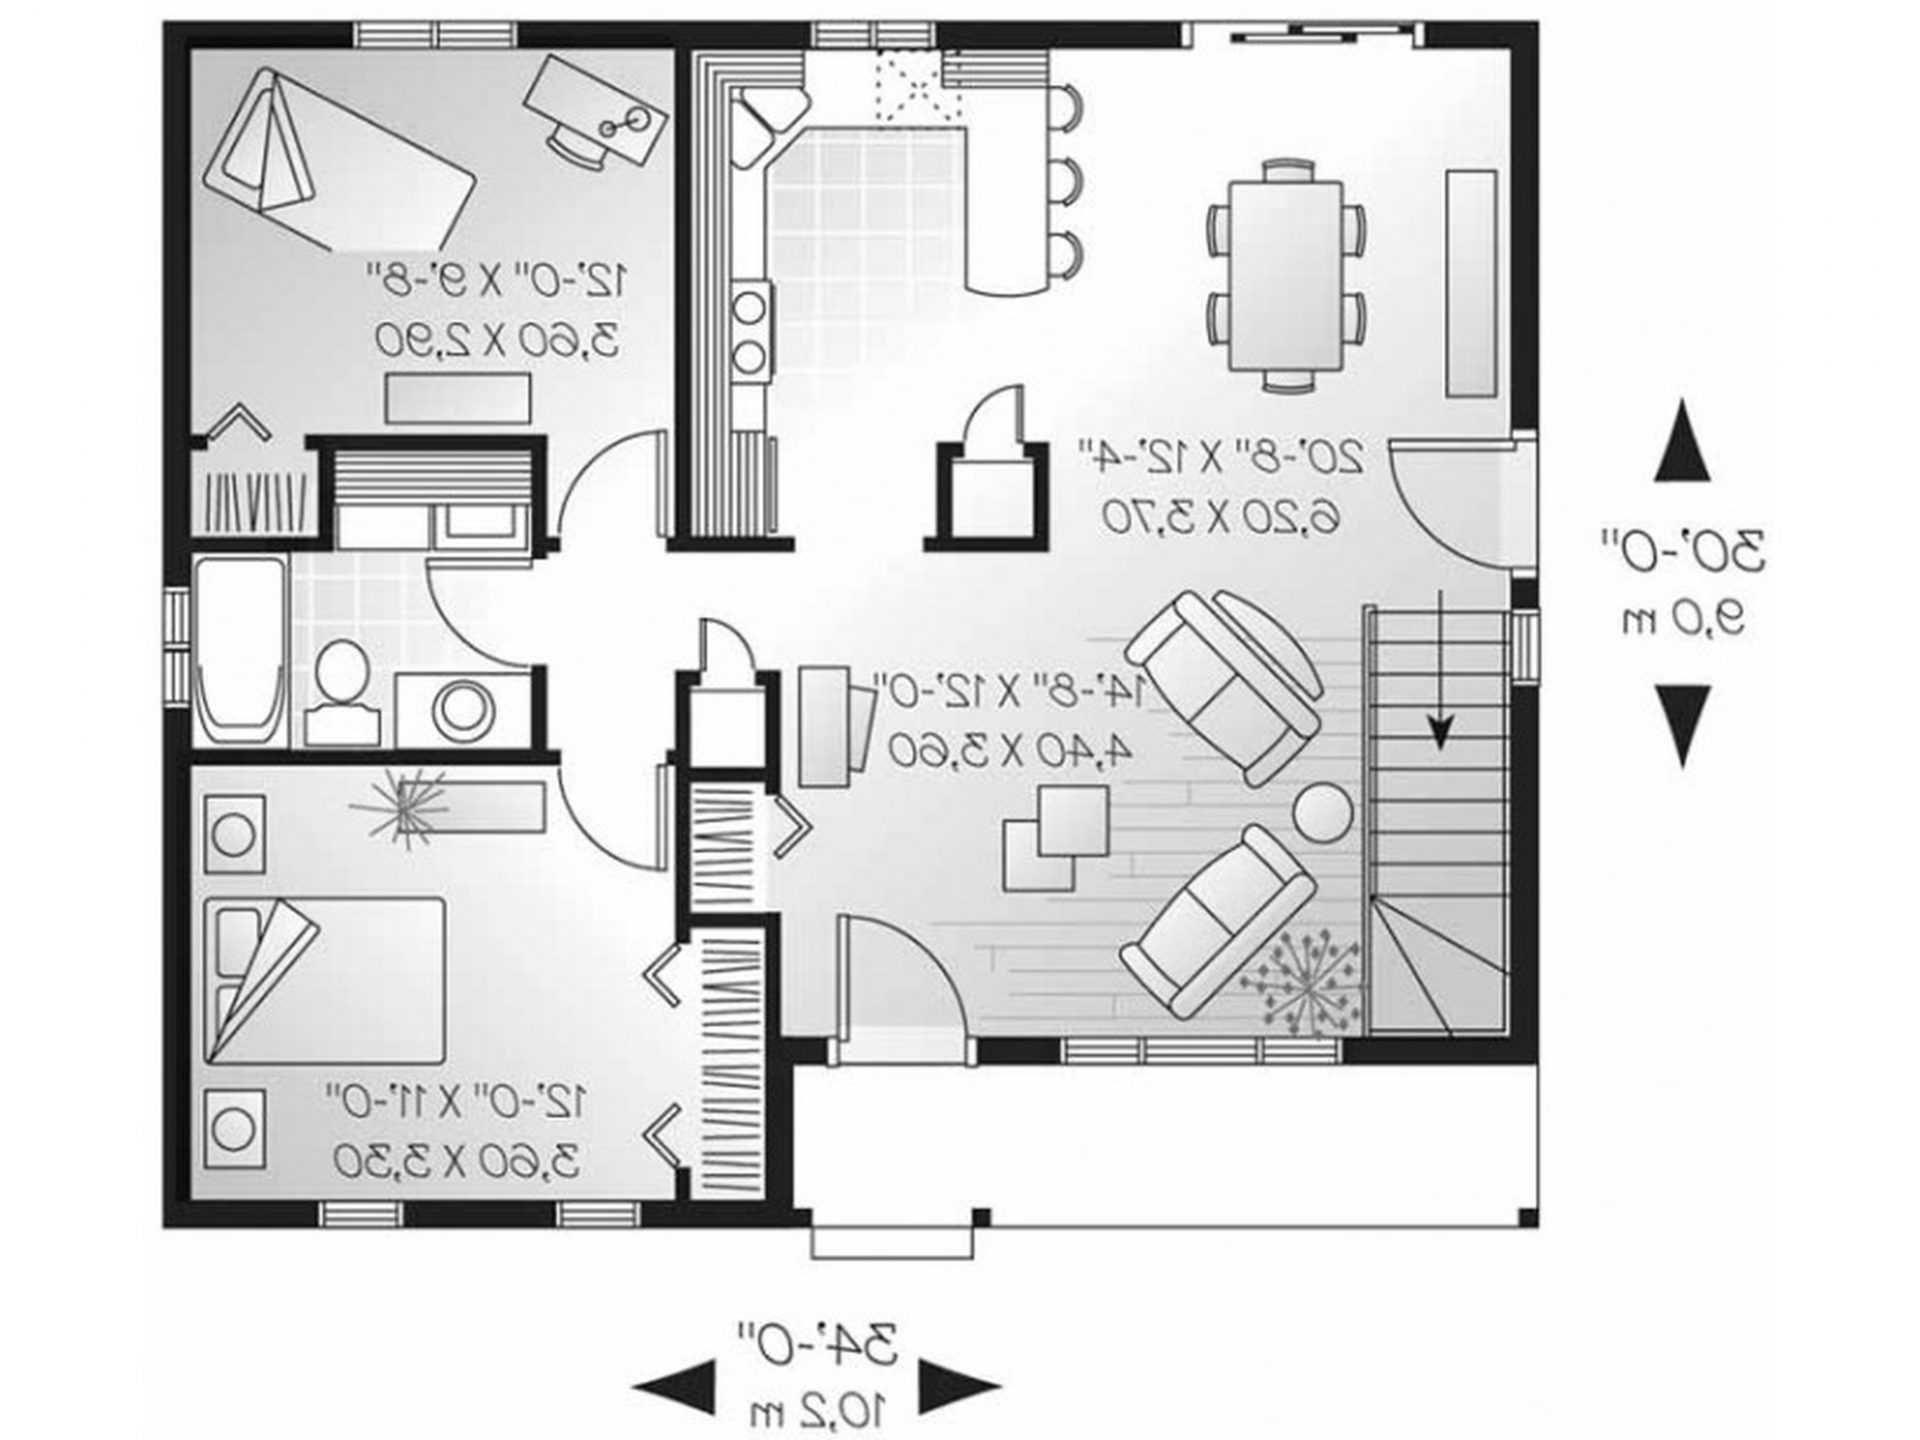 Guest House Plans Free Guest House Plans House Plans Bungalow House Plans